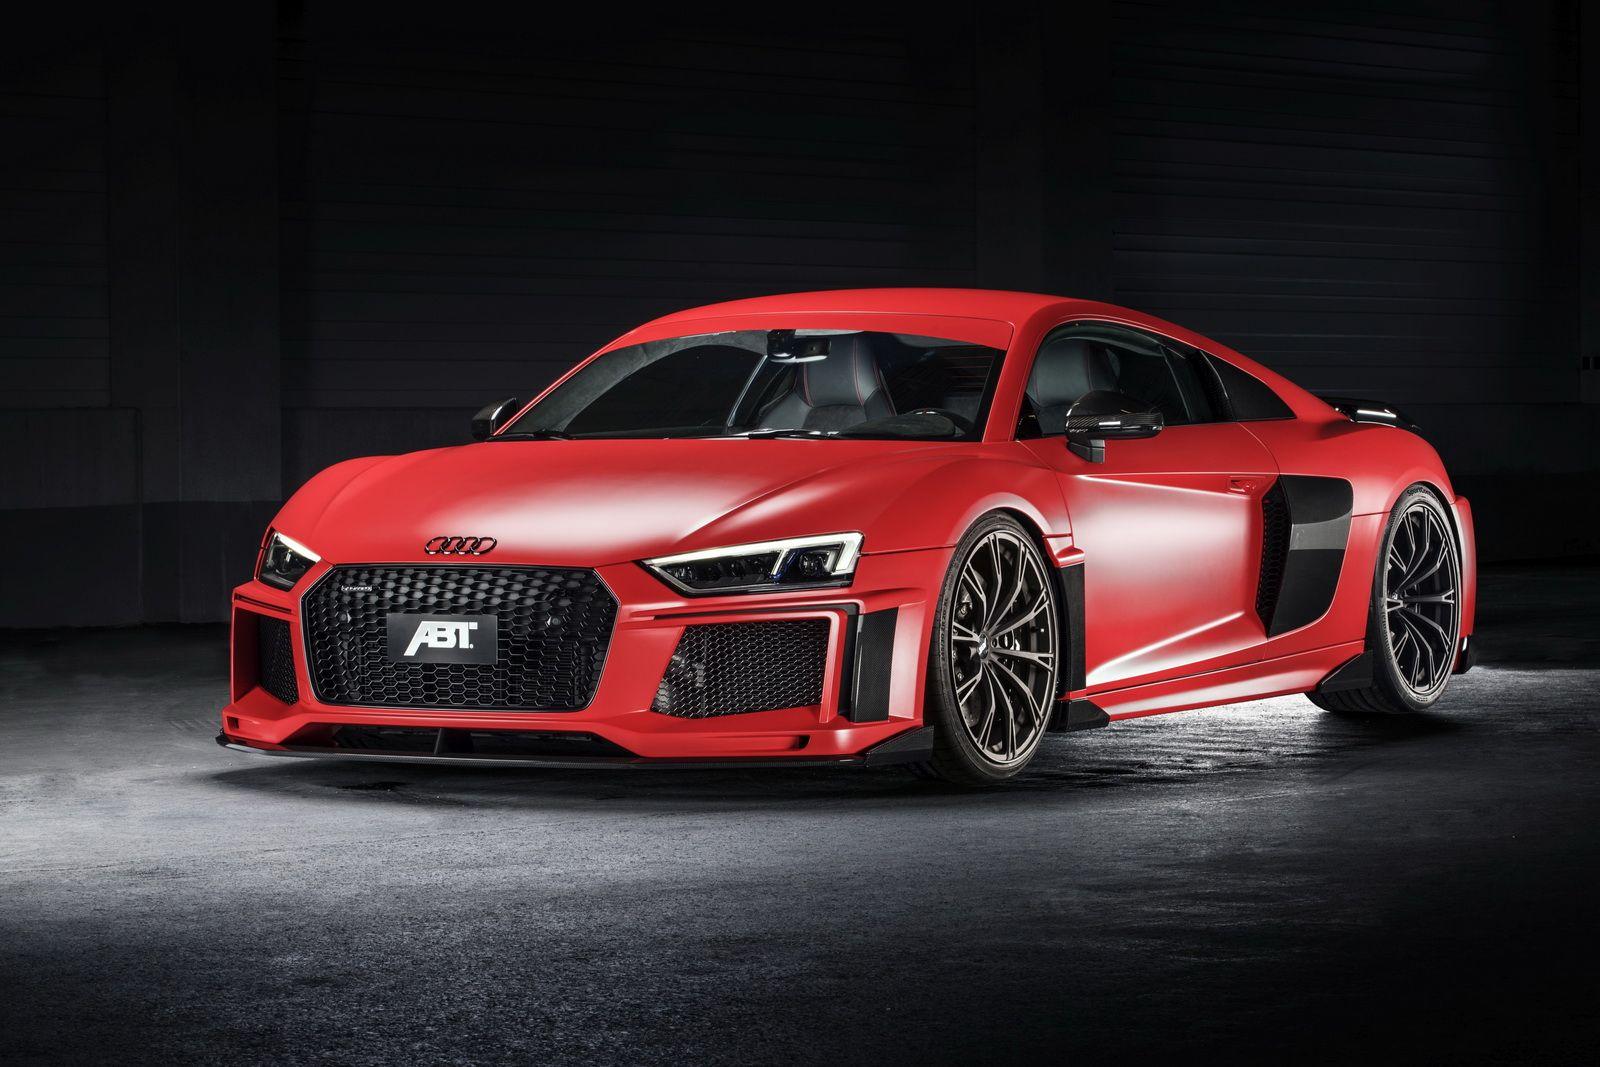 Photoscar Fonds D Ecran Photos Et Wallpapers Voitures Hd Audi R8 Wallpaper Audi R8 V10 Plus Audi R8